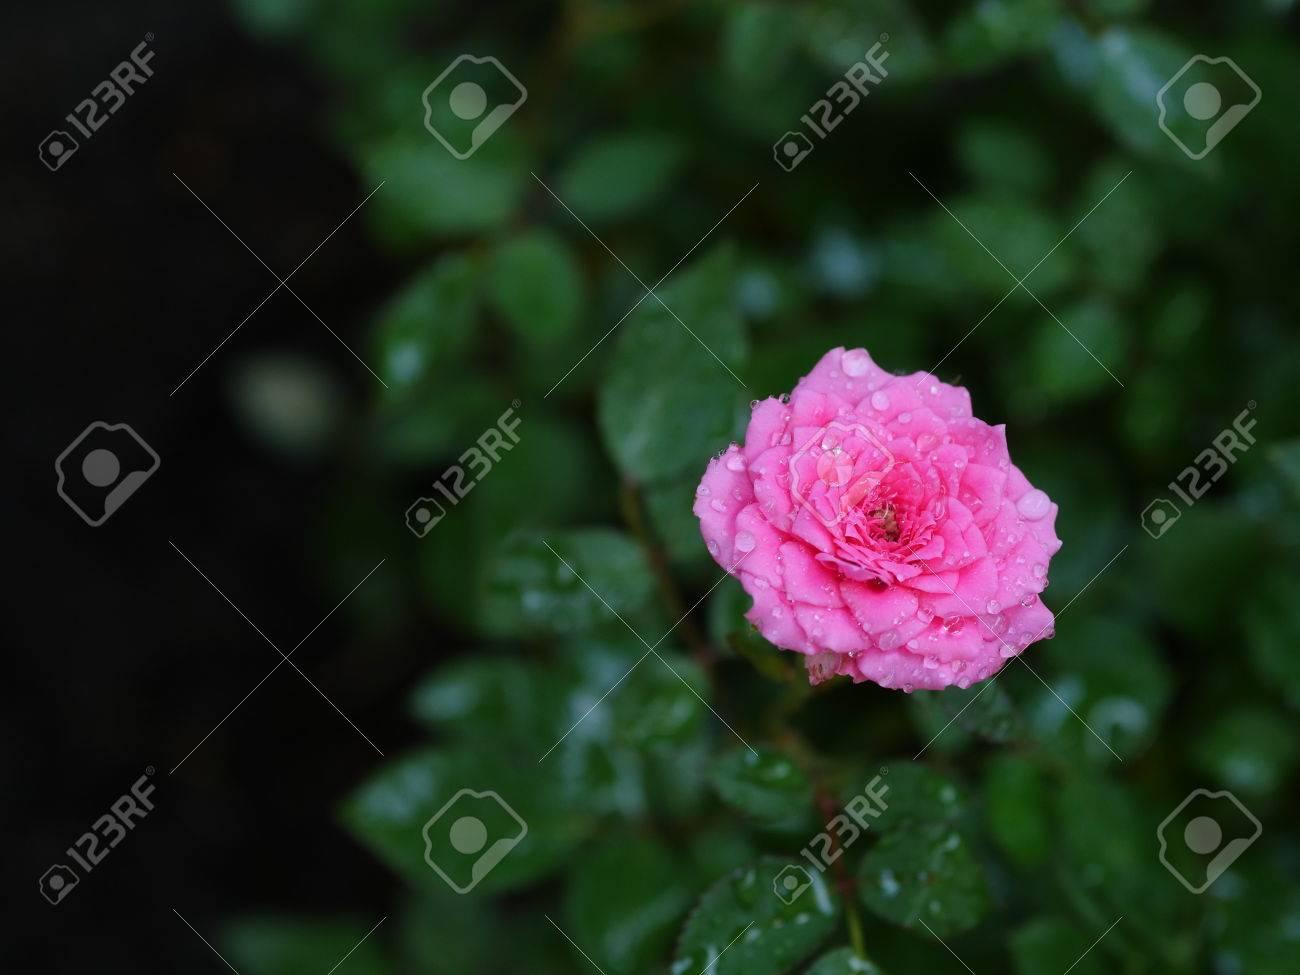 Le rose in miniatura sono perfettamente ridimensionate versioni